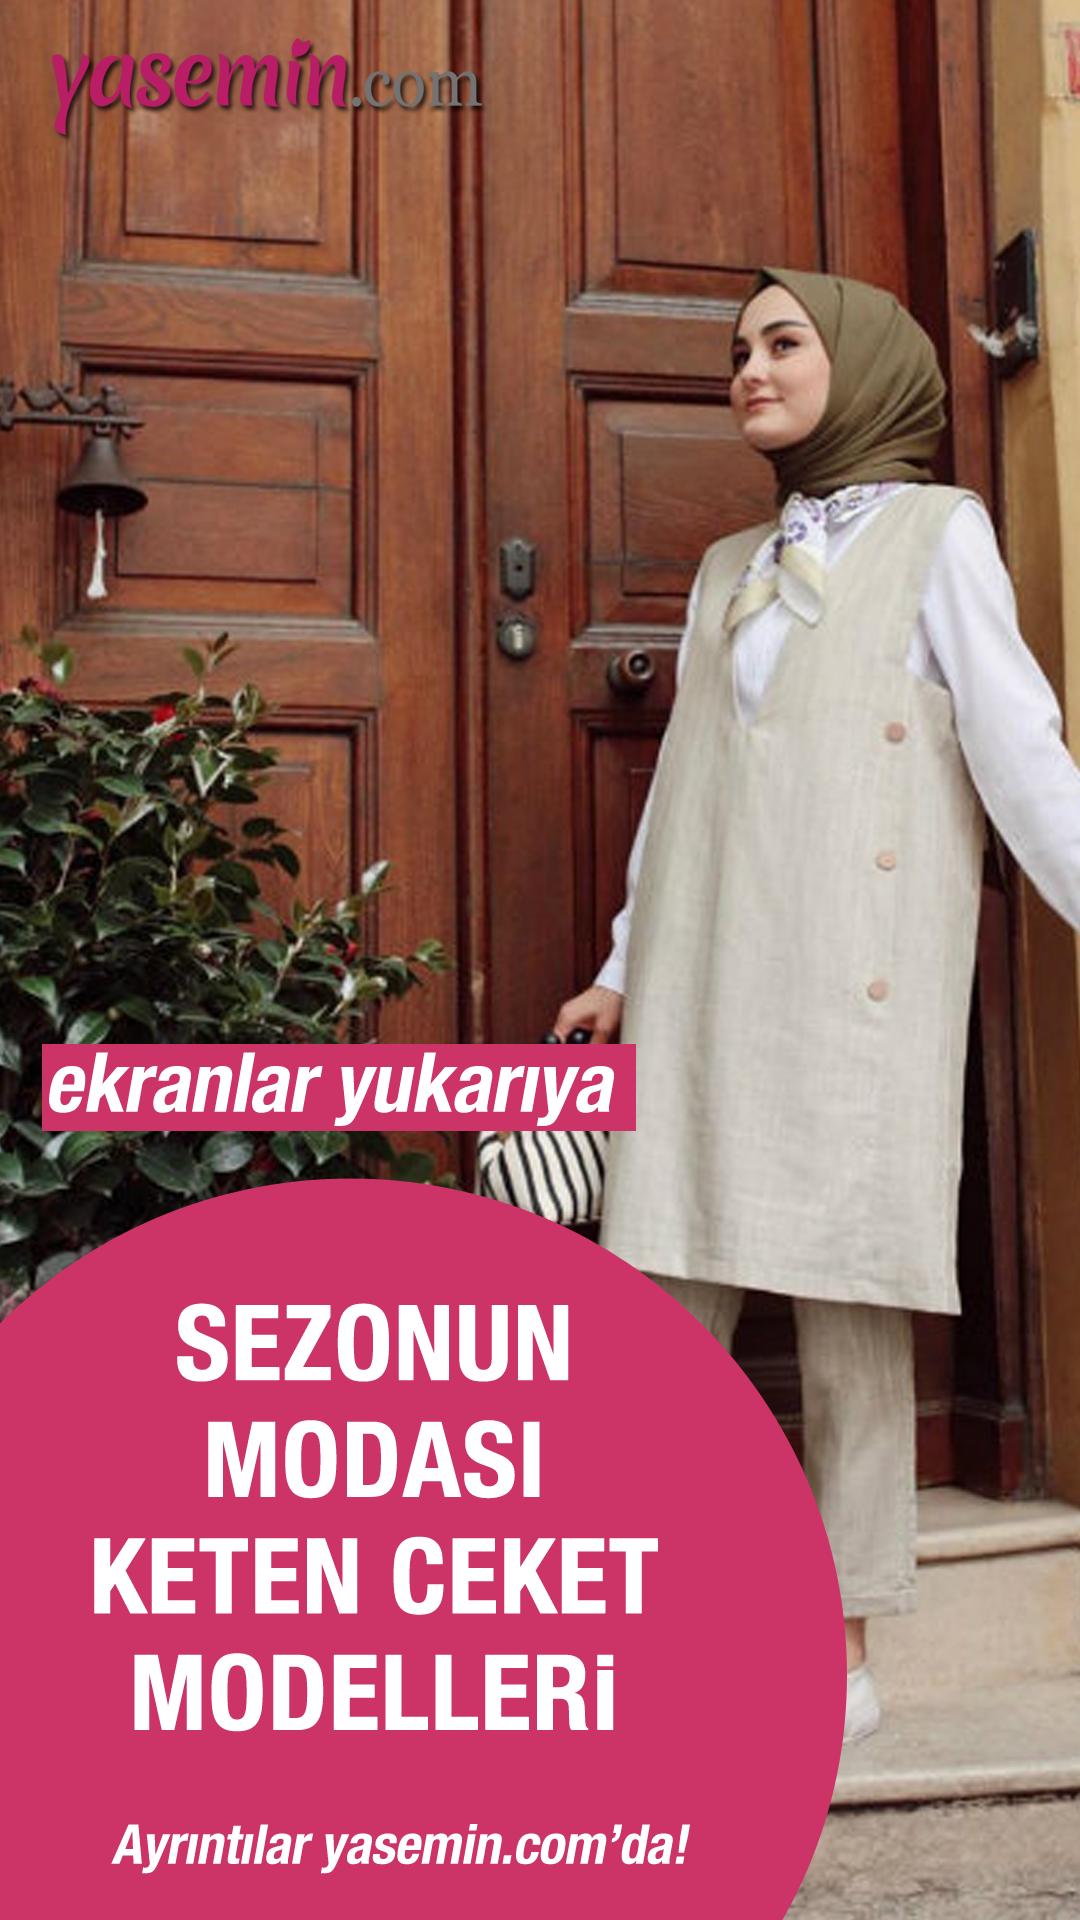 Sezonun Modasi Keten Ceketler Moda Kadin Kiyafetleri Vintage Elbise